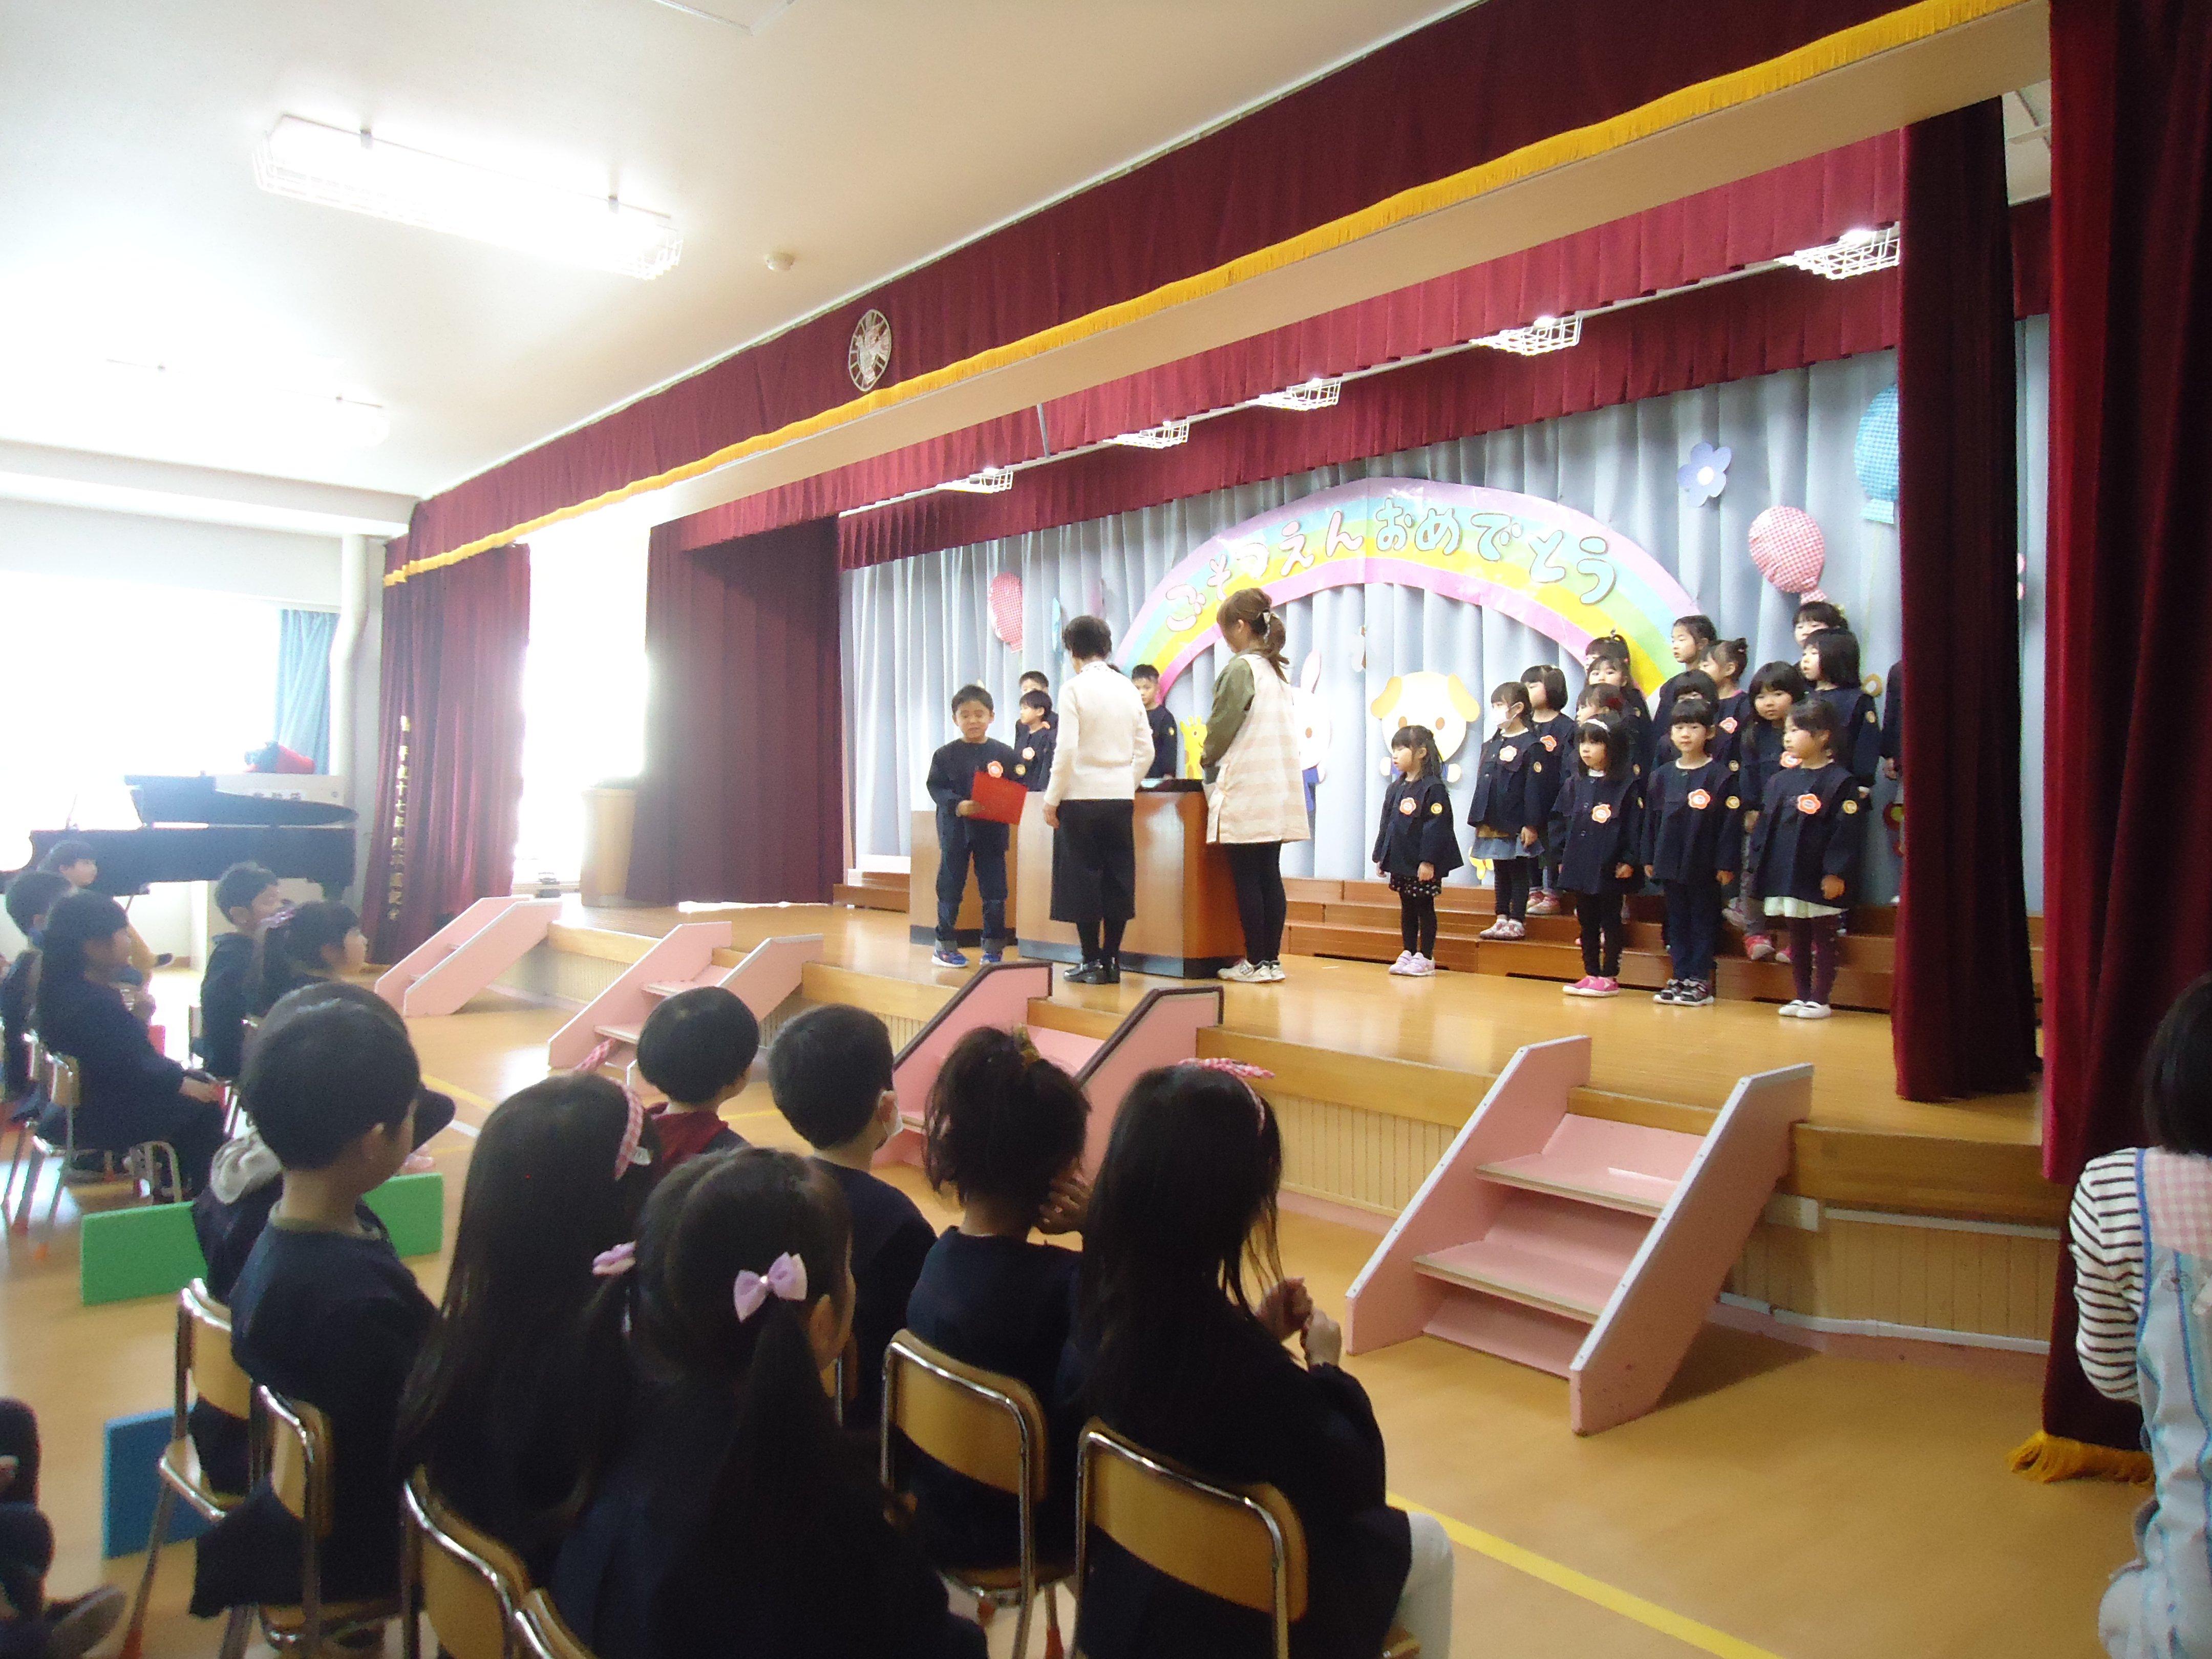 年長組 卒園式総練習